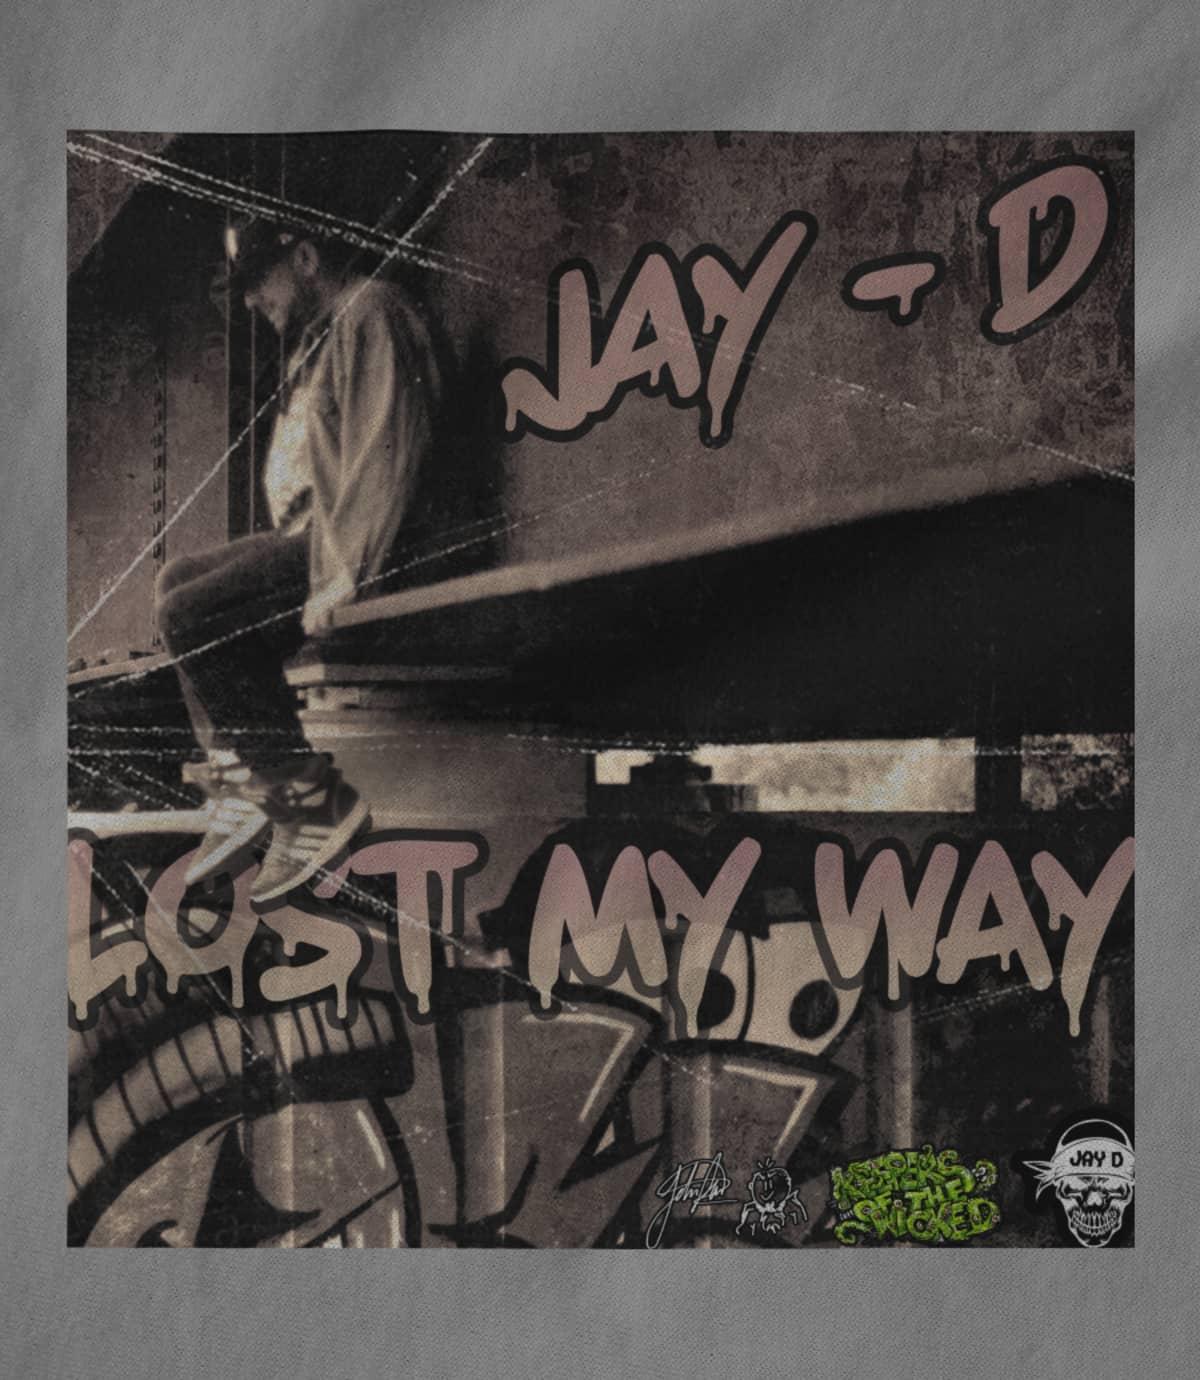 Jay-D